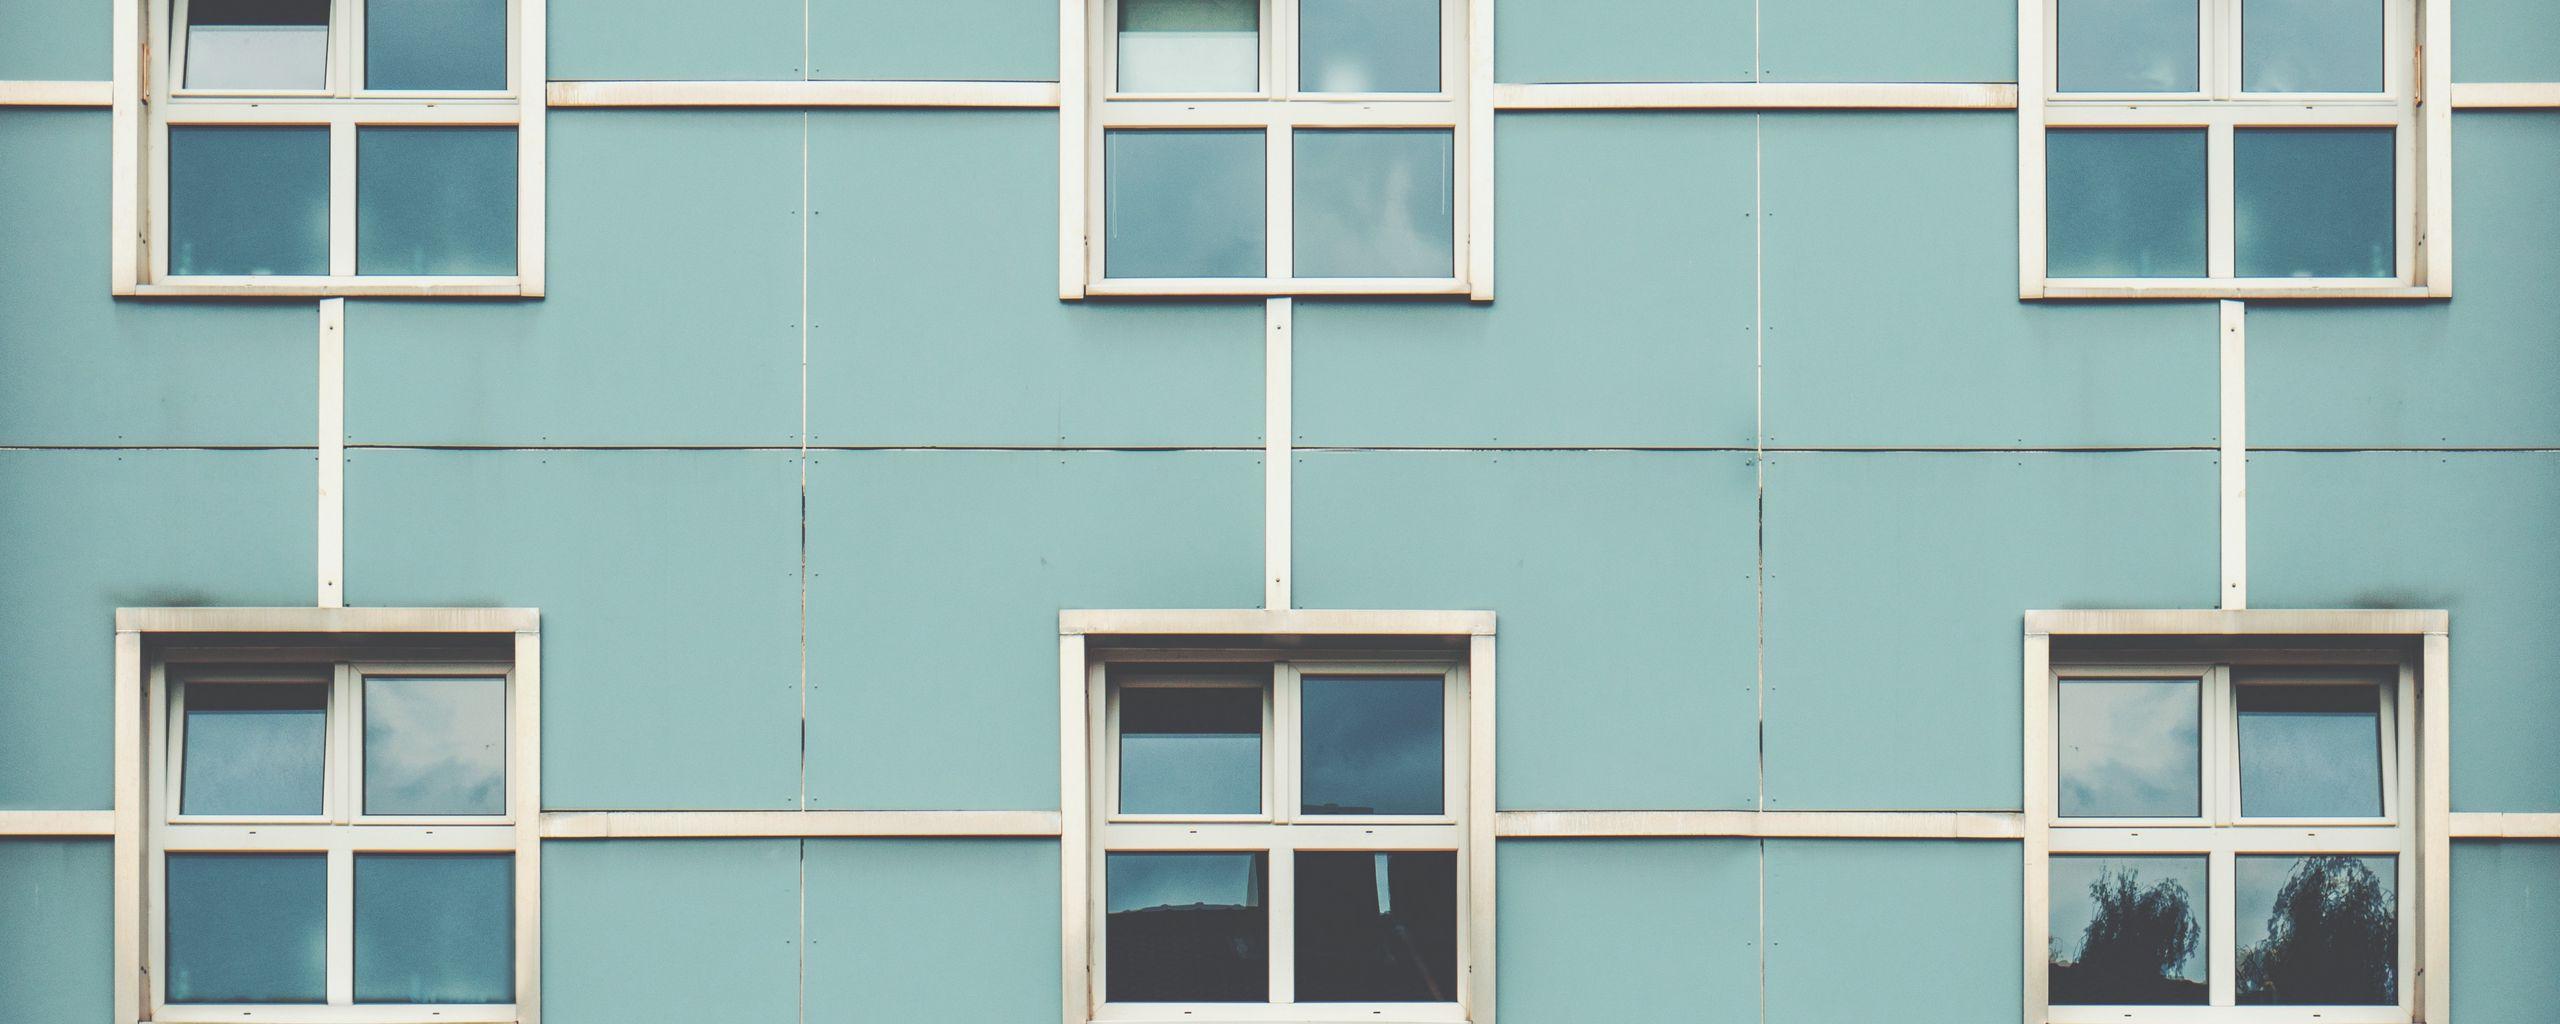 2560x1024 Wallpaper facade, windows, building